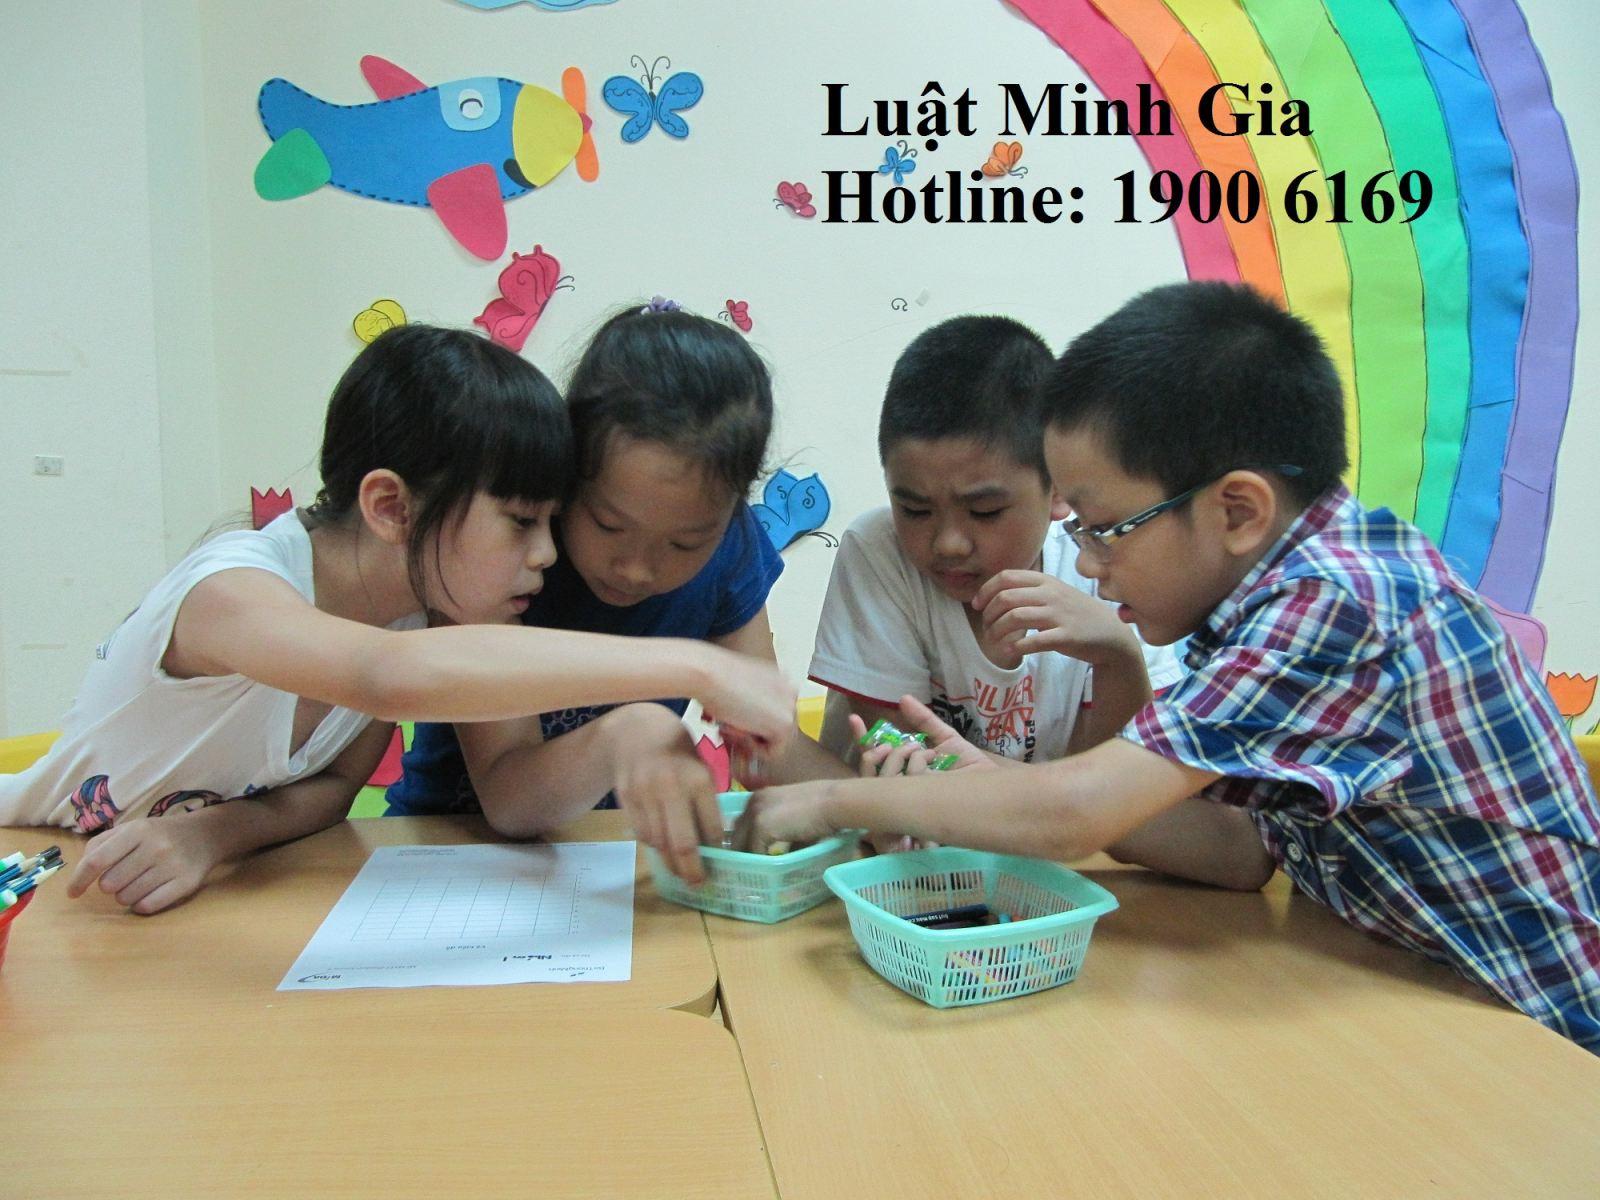 Người Việt Nam định cư nước ngoài nhận con?